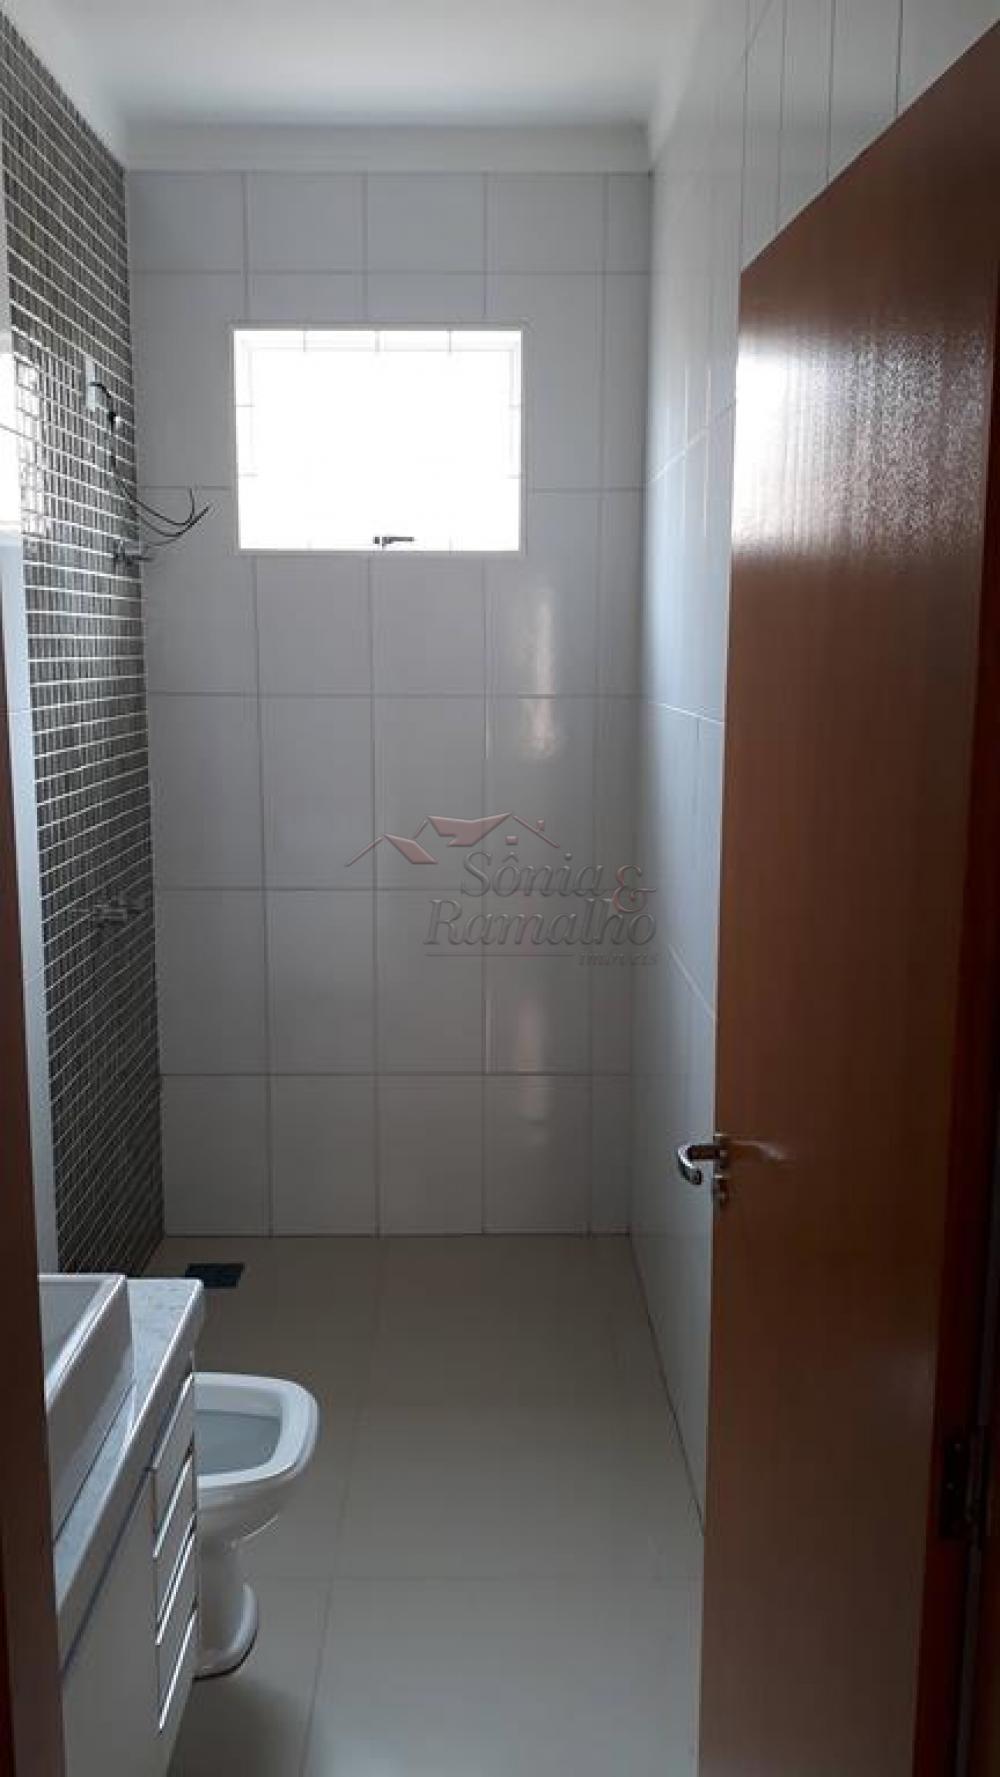 Alugar Casas / Padrão em Ribeirão Preto apenas R$ 3.300,00 - Foto 11